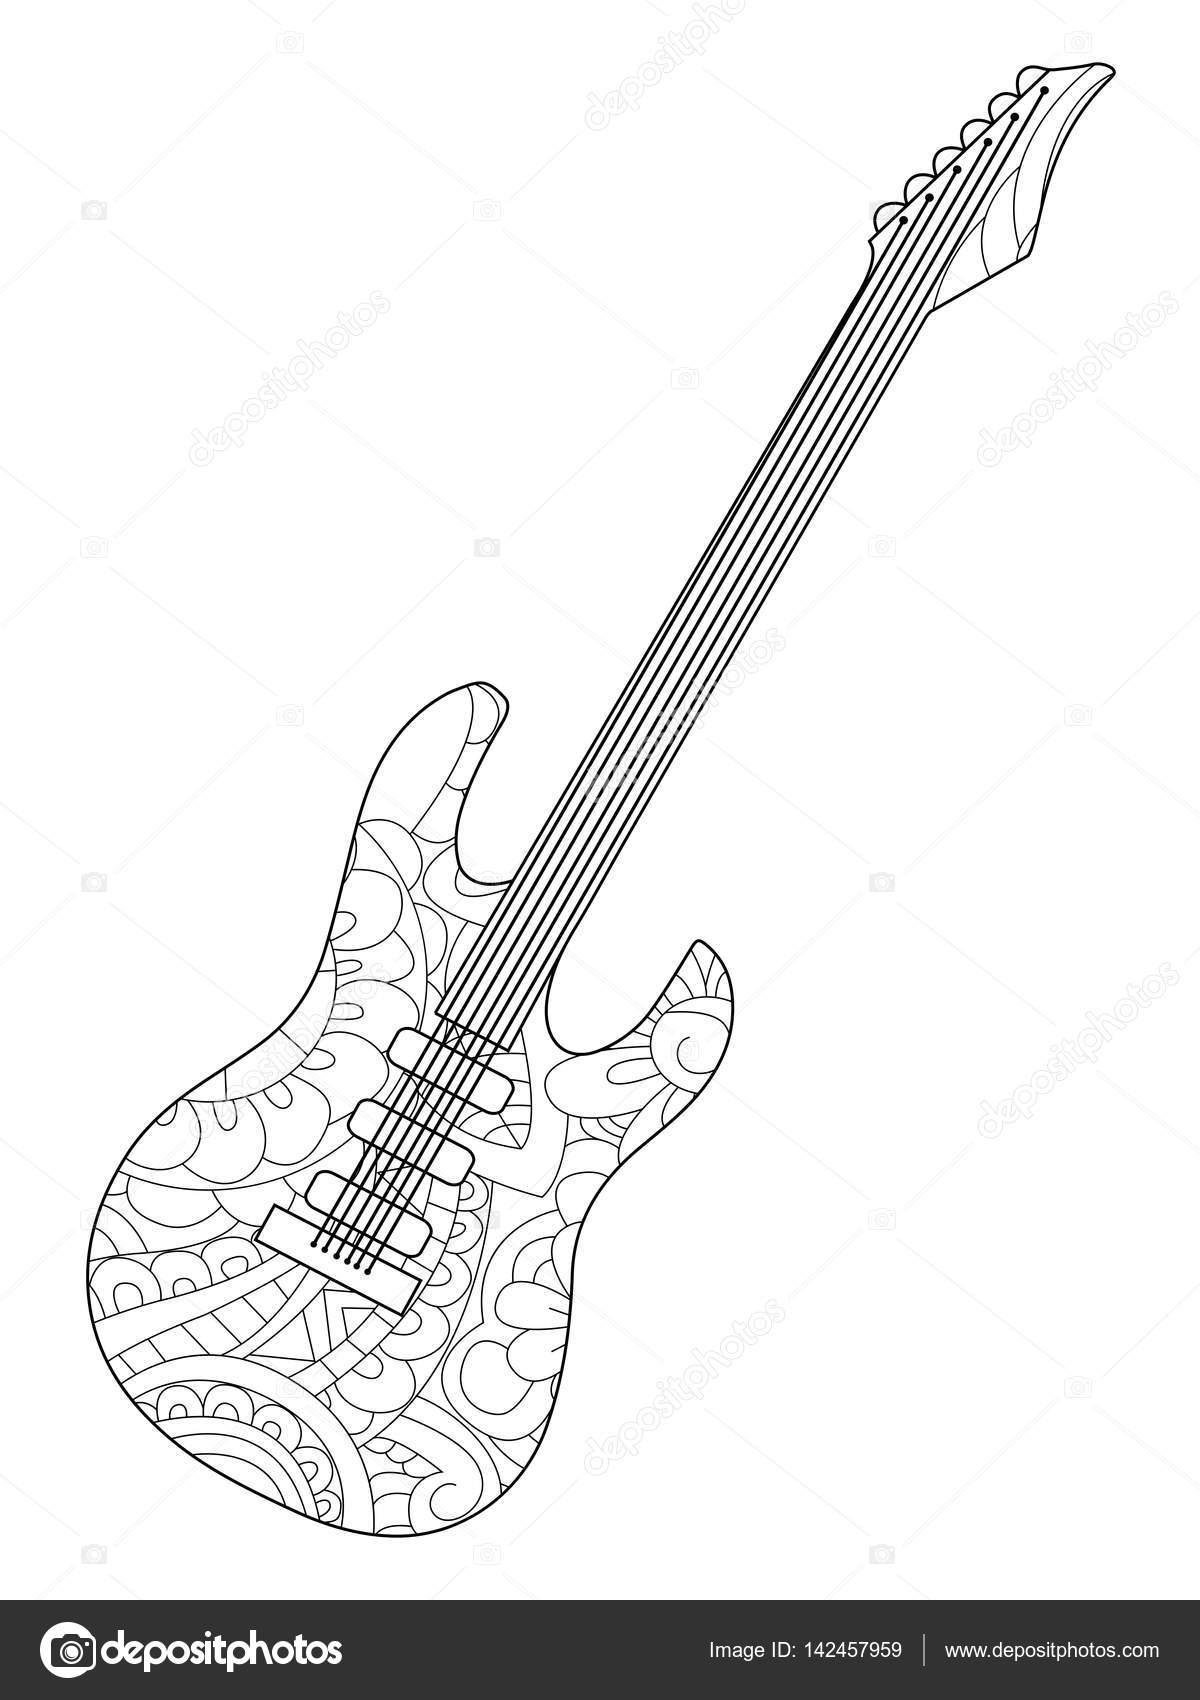 rock gitaar kleurplaat kleurplaten tekeningen